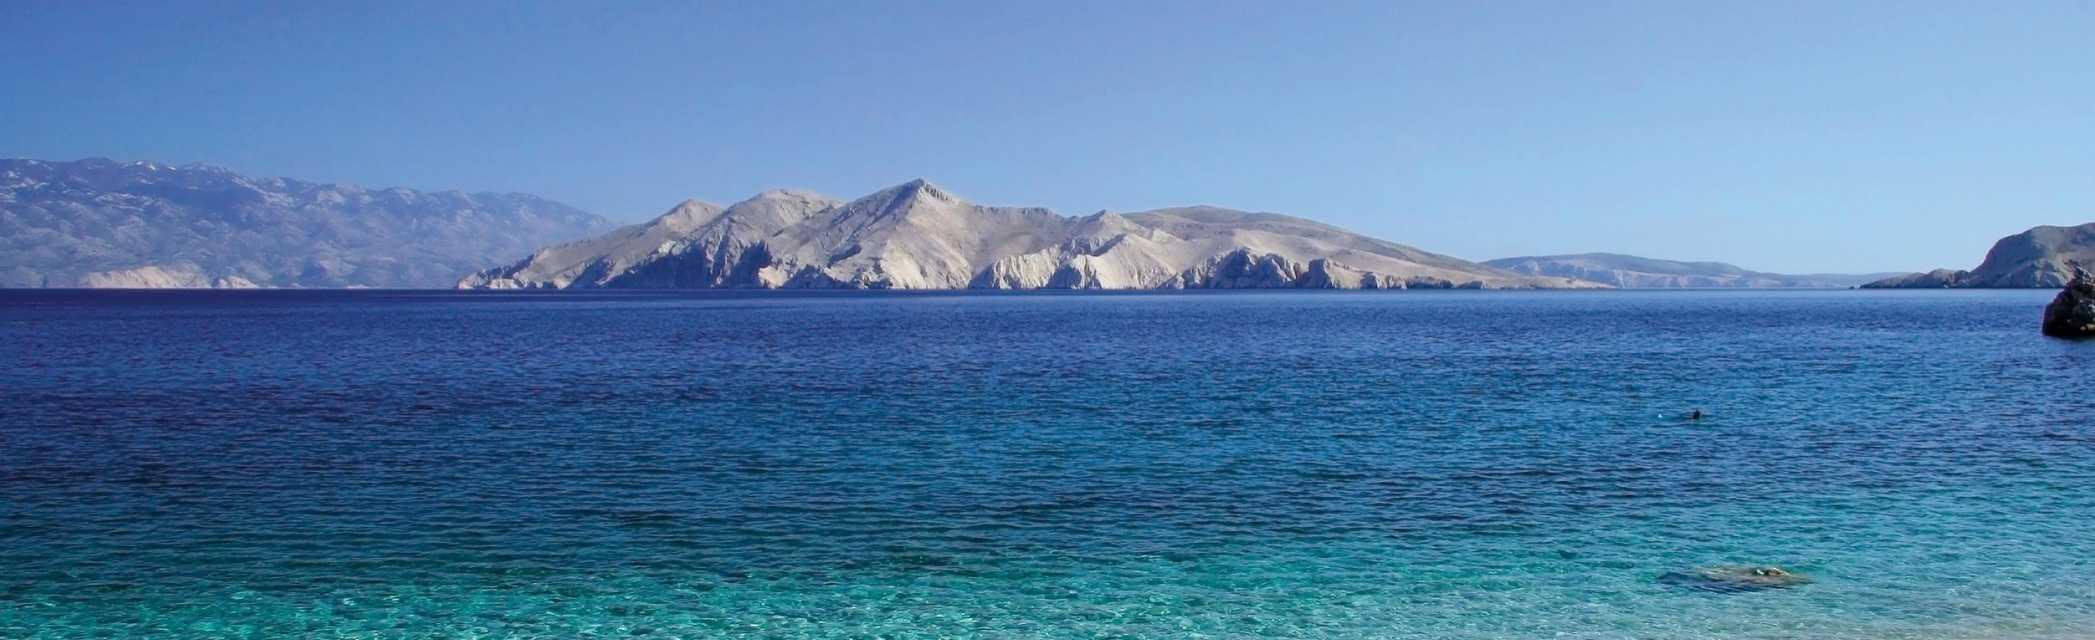 Insel Krk Strandurlaub in der Kvarner Bucht